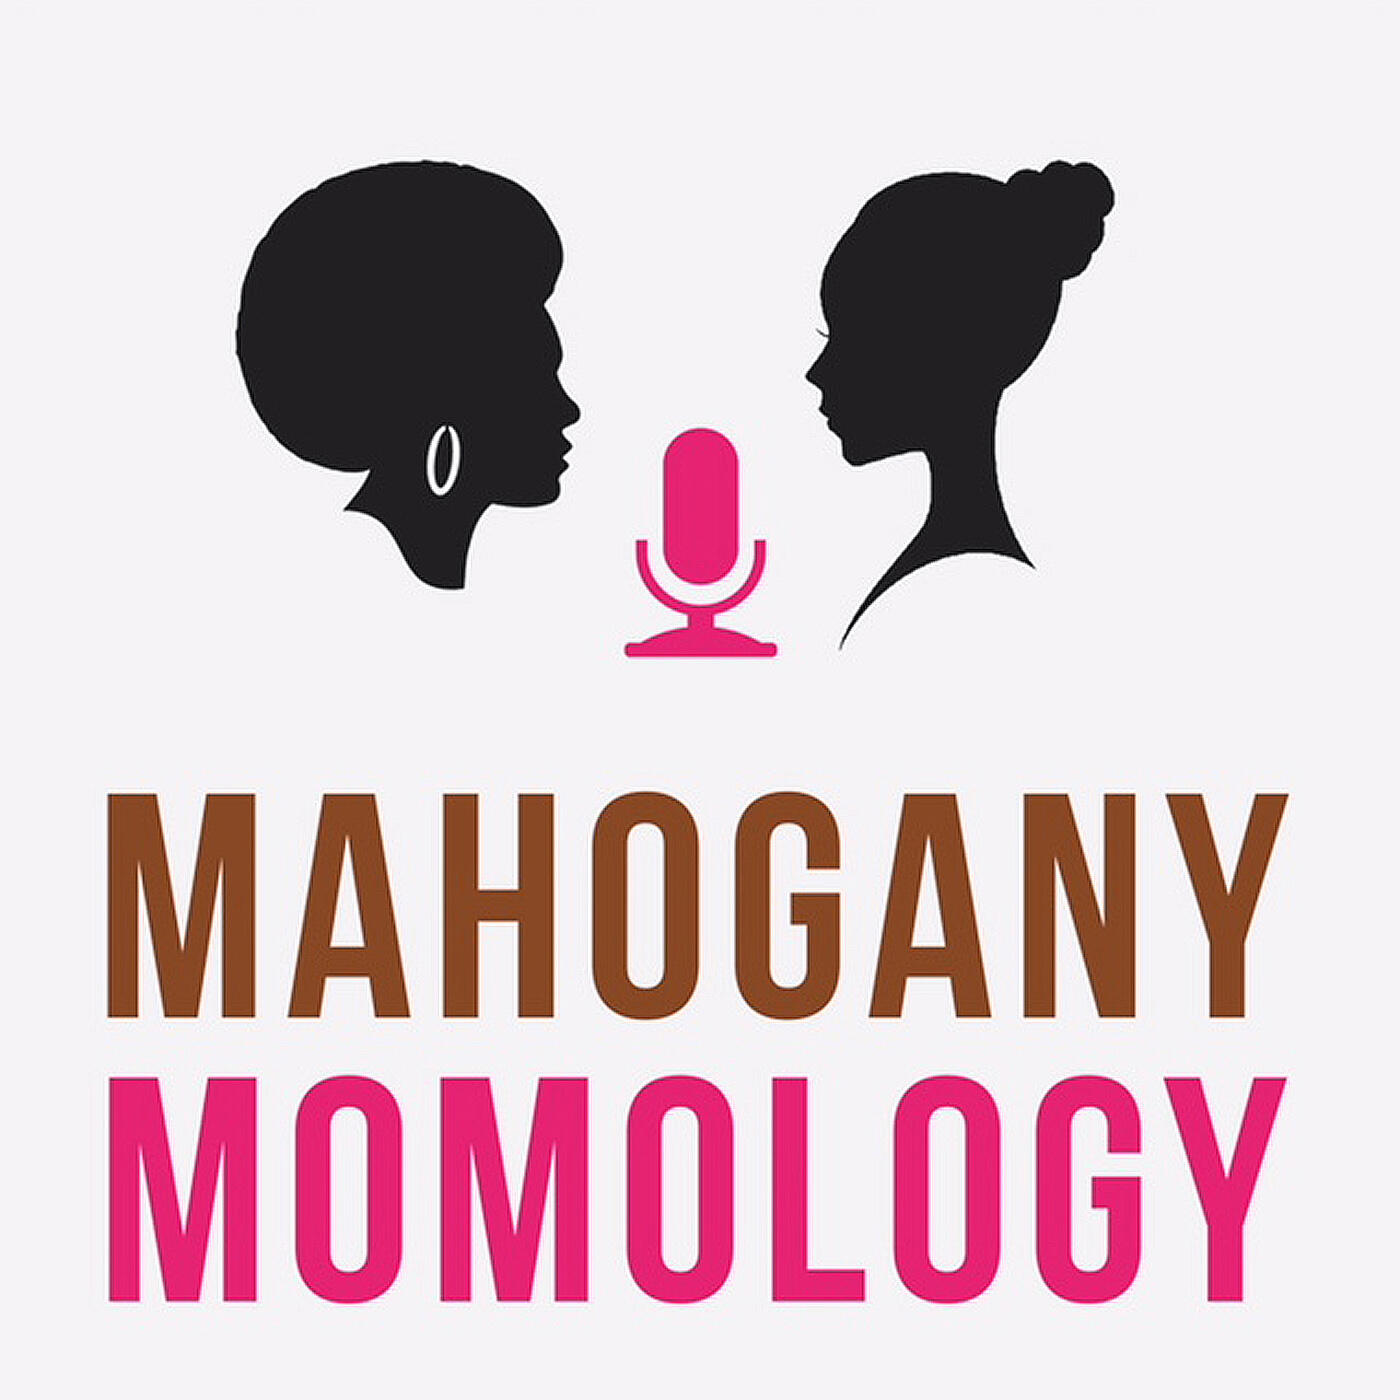 Mahogany Momology